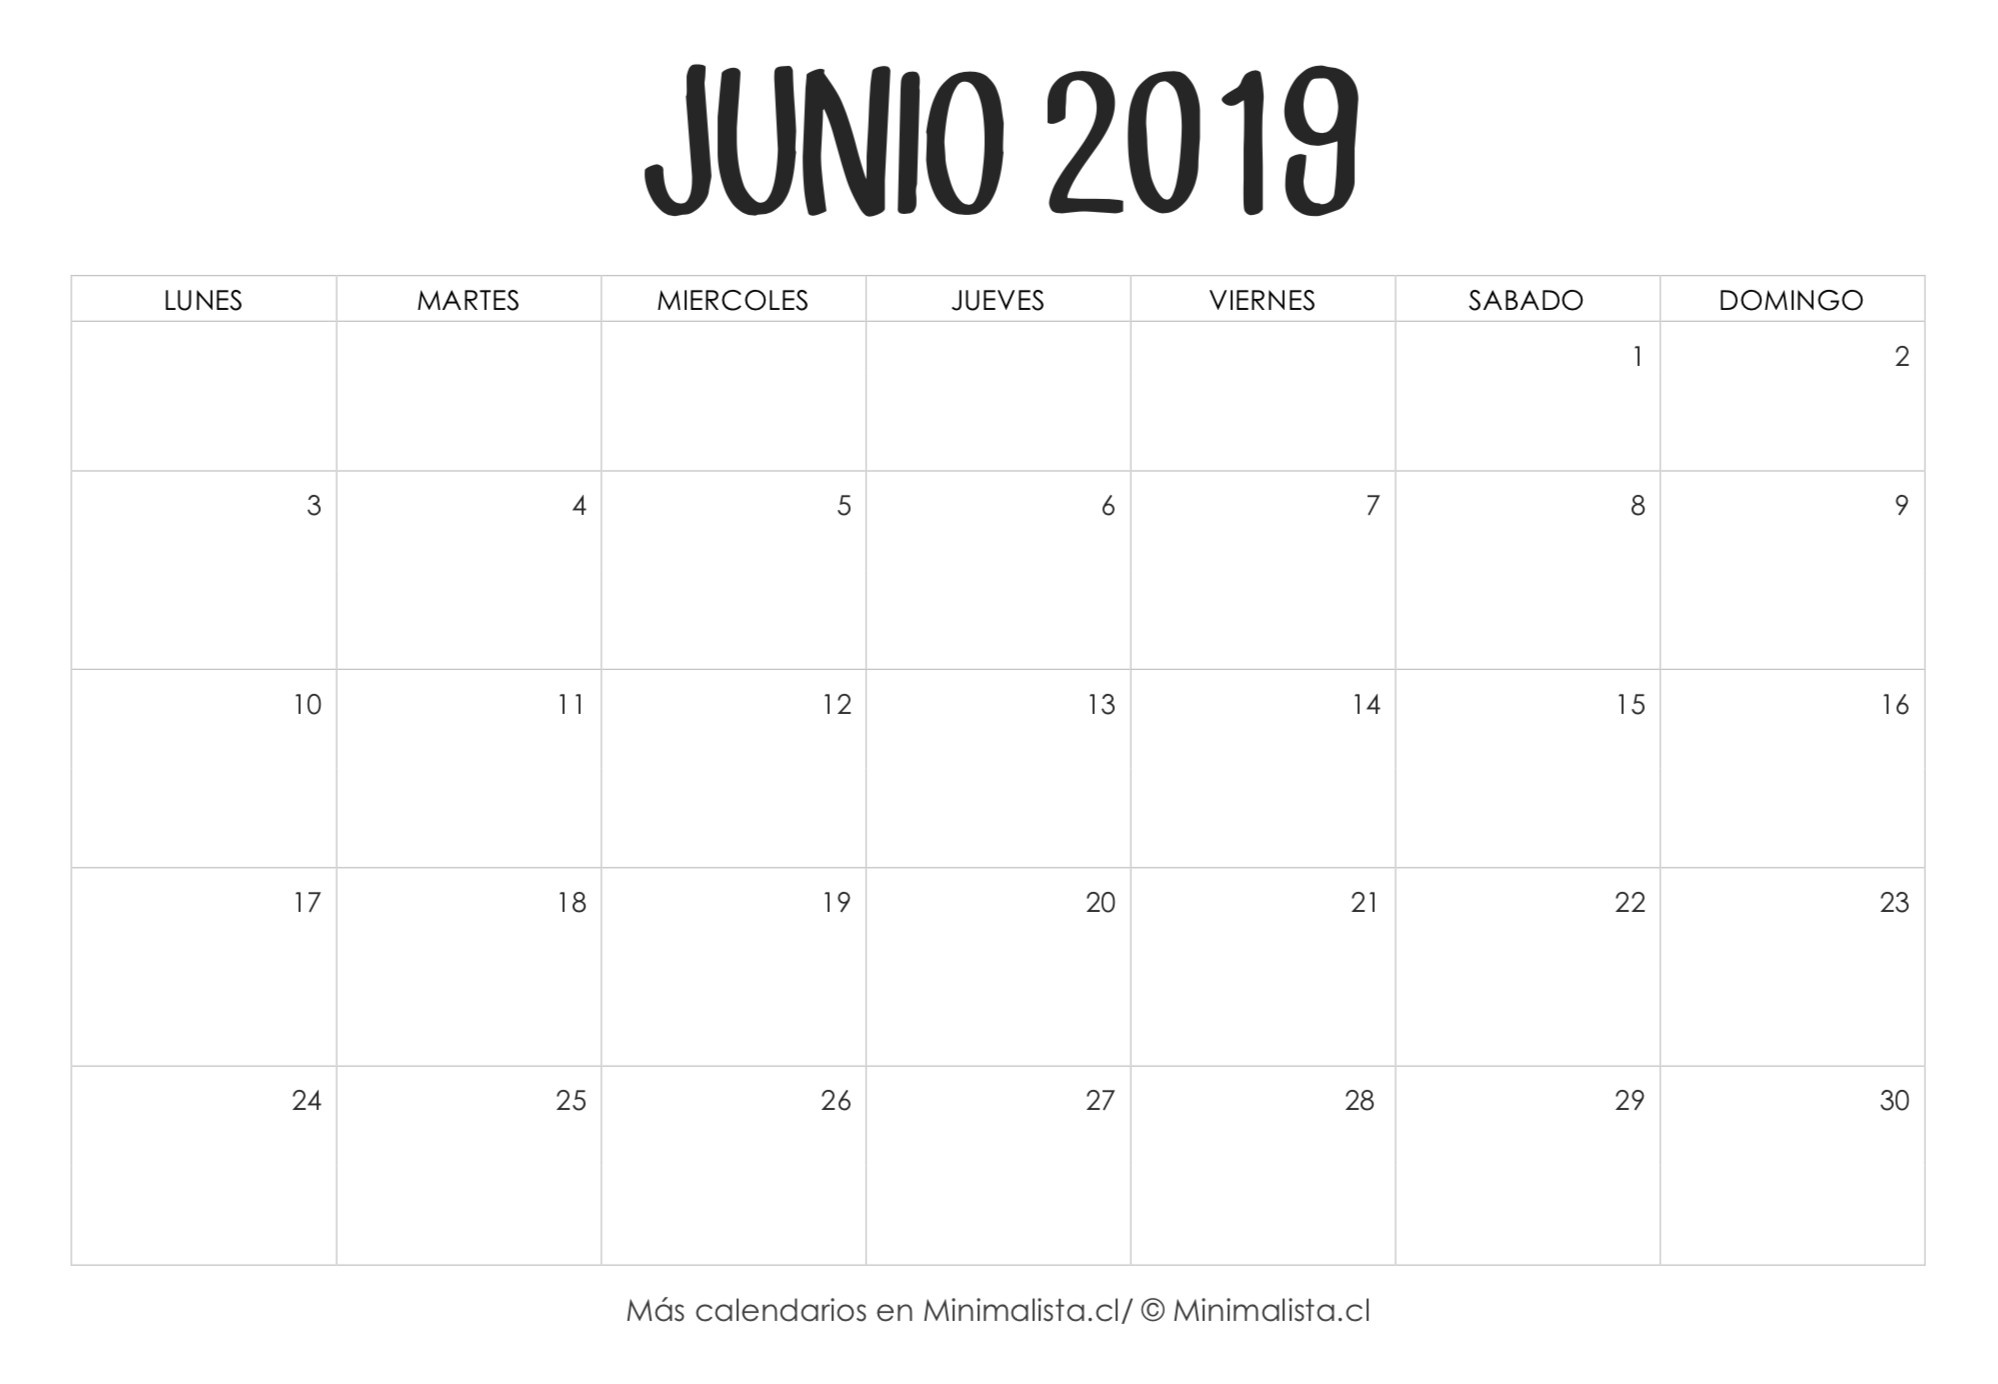 Calendario 2019 Colombia Con Festivos Pdf Más Populares Best Calendario Enero 2017 Para Imprimir Pdf Image Collection Of Calendario 2019 Colombia Con Festivos Pdf Más Arriba-a-fecha El Mundo 0601 [pdf Document]